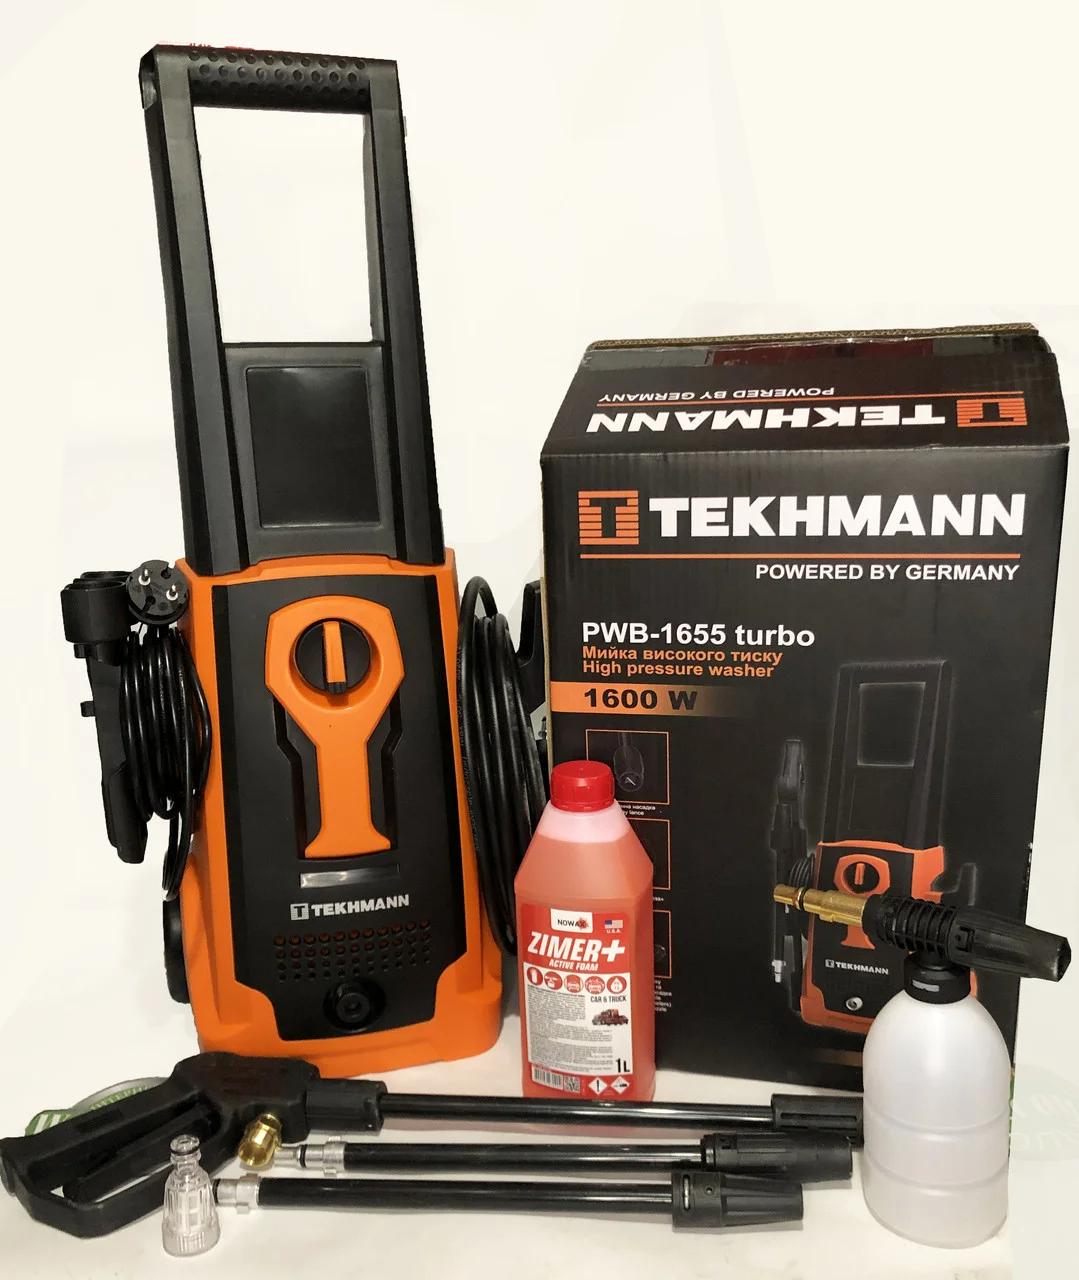 Мийка Tekhmann 1600W,135 БАР PWB-1655 Turbo мийка високого тиску Tekhmann PWB-1655 Turbo